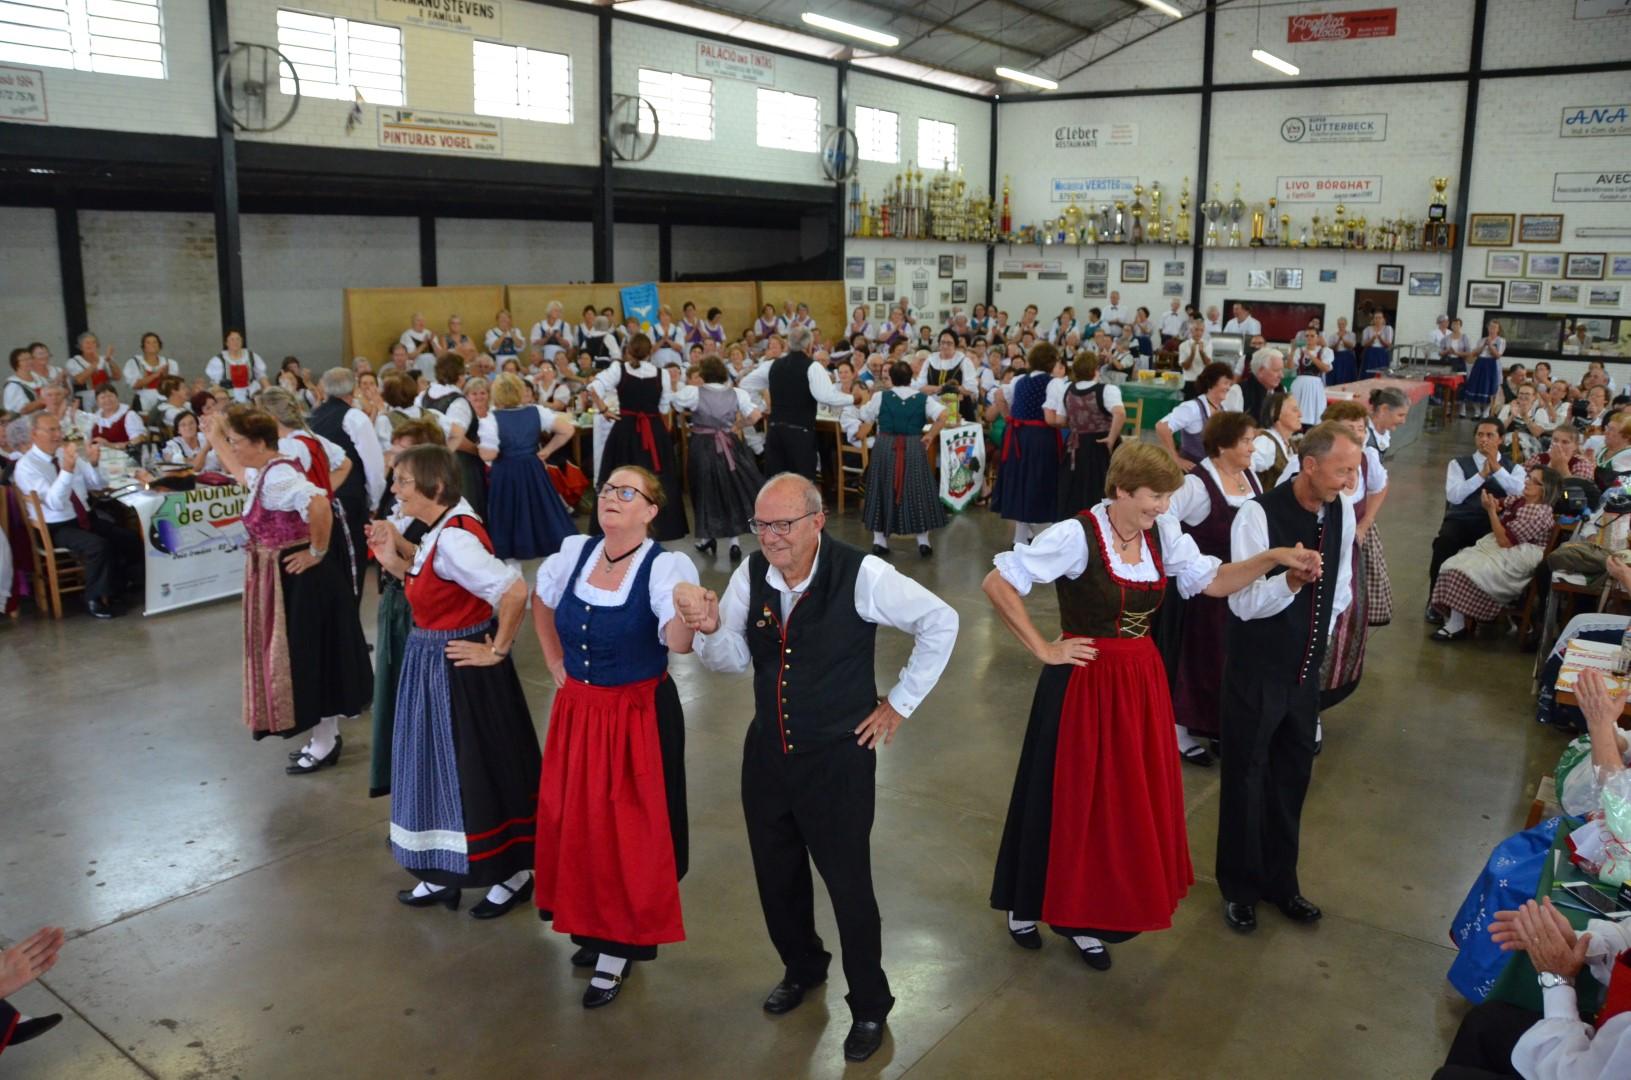 Encontro de danças da Terceira Idade em Imigrante - 24/03/18Encontro de danças da Terceira Idade em Imigrante - 24/03/18